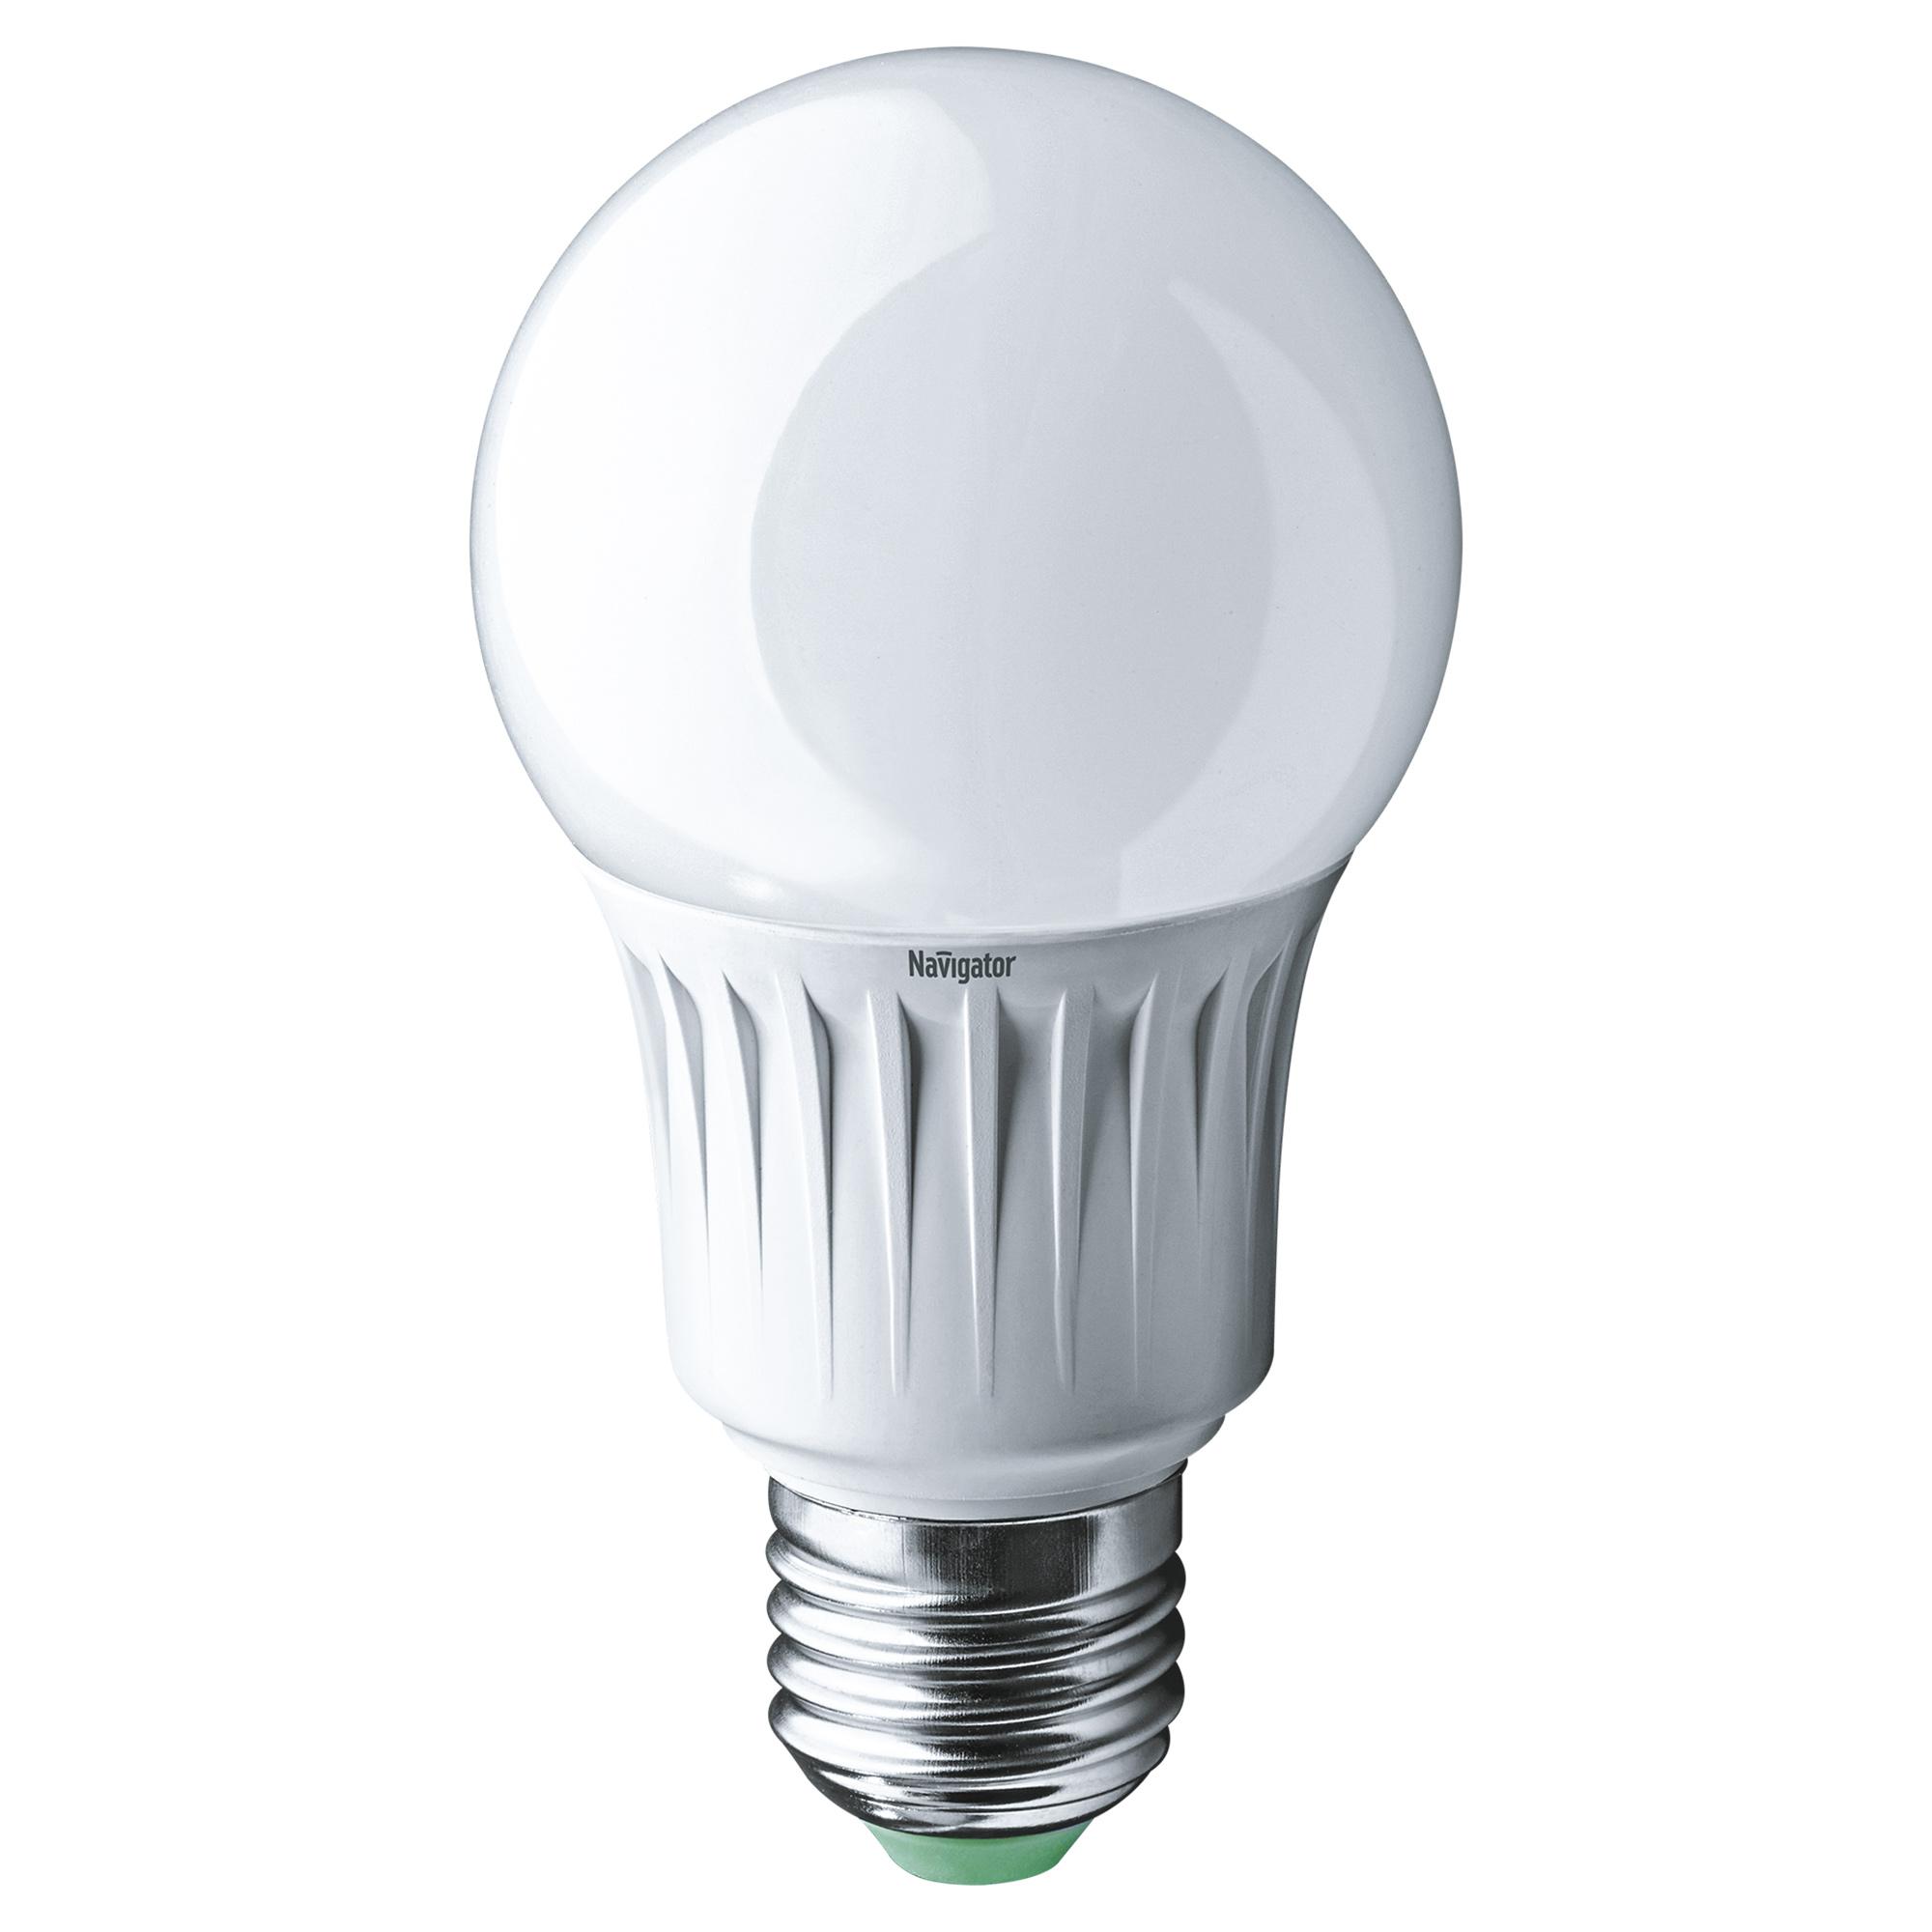 Лампа светодиодная Navigator груша матовая 12Вт цоколь E27 (теплый свет) лампа светодиодная sonnen 5 40 вт цоколь e27 свеча теплый белый свет led c37 5w 2700 e27 453707